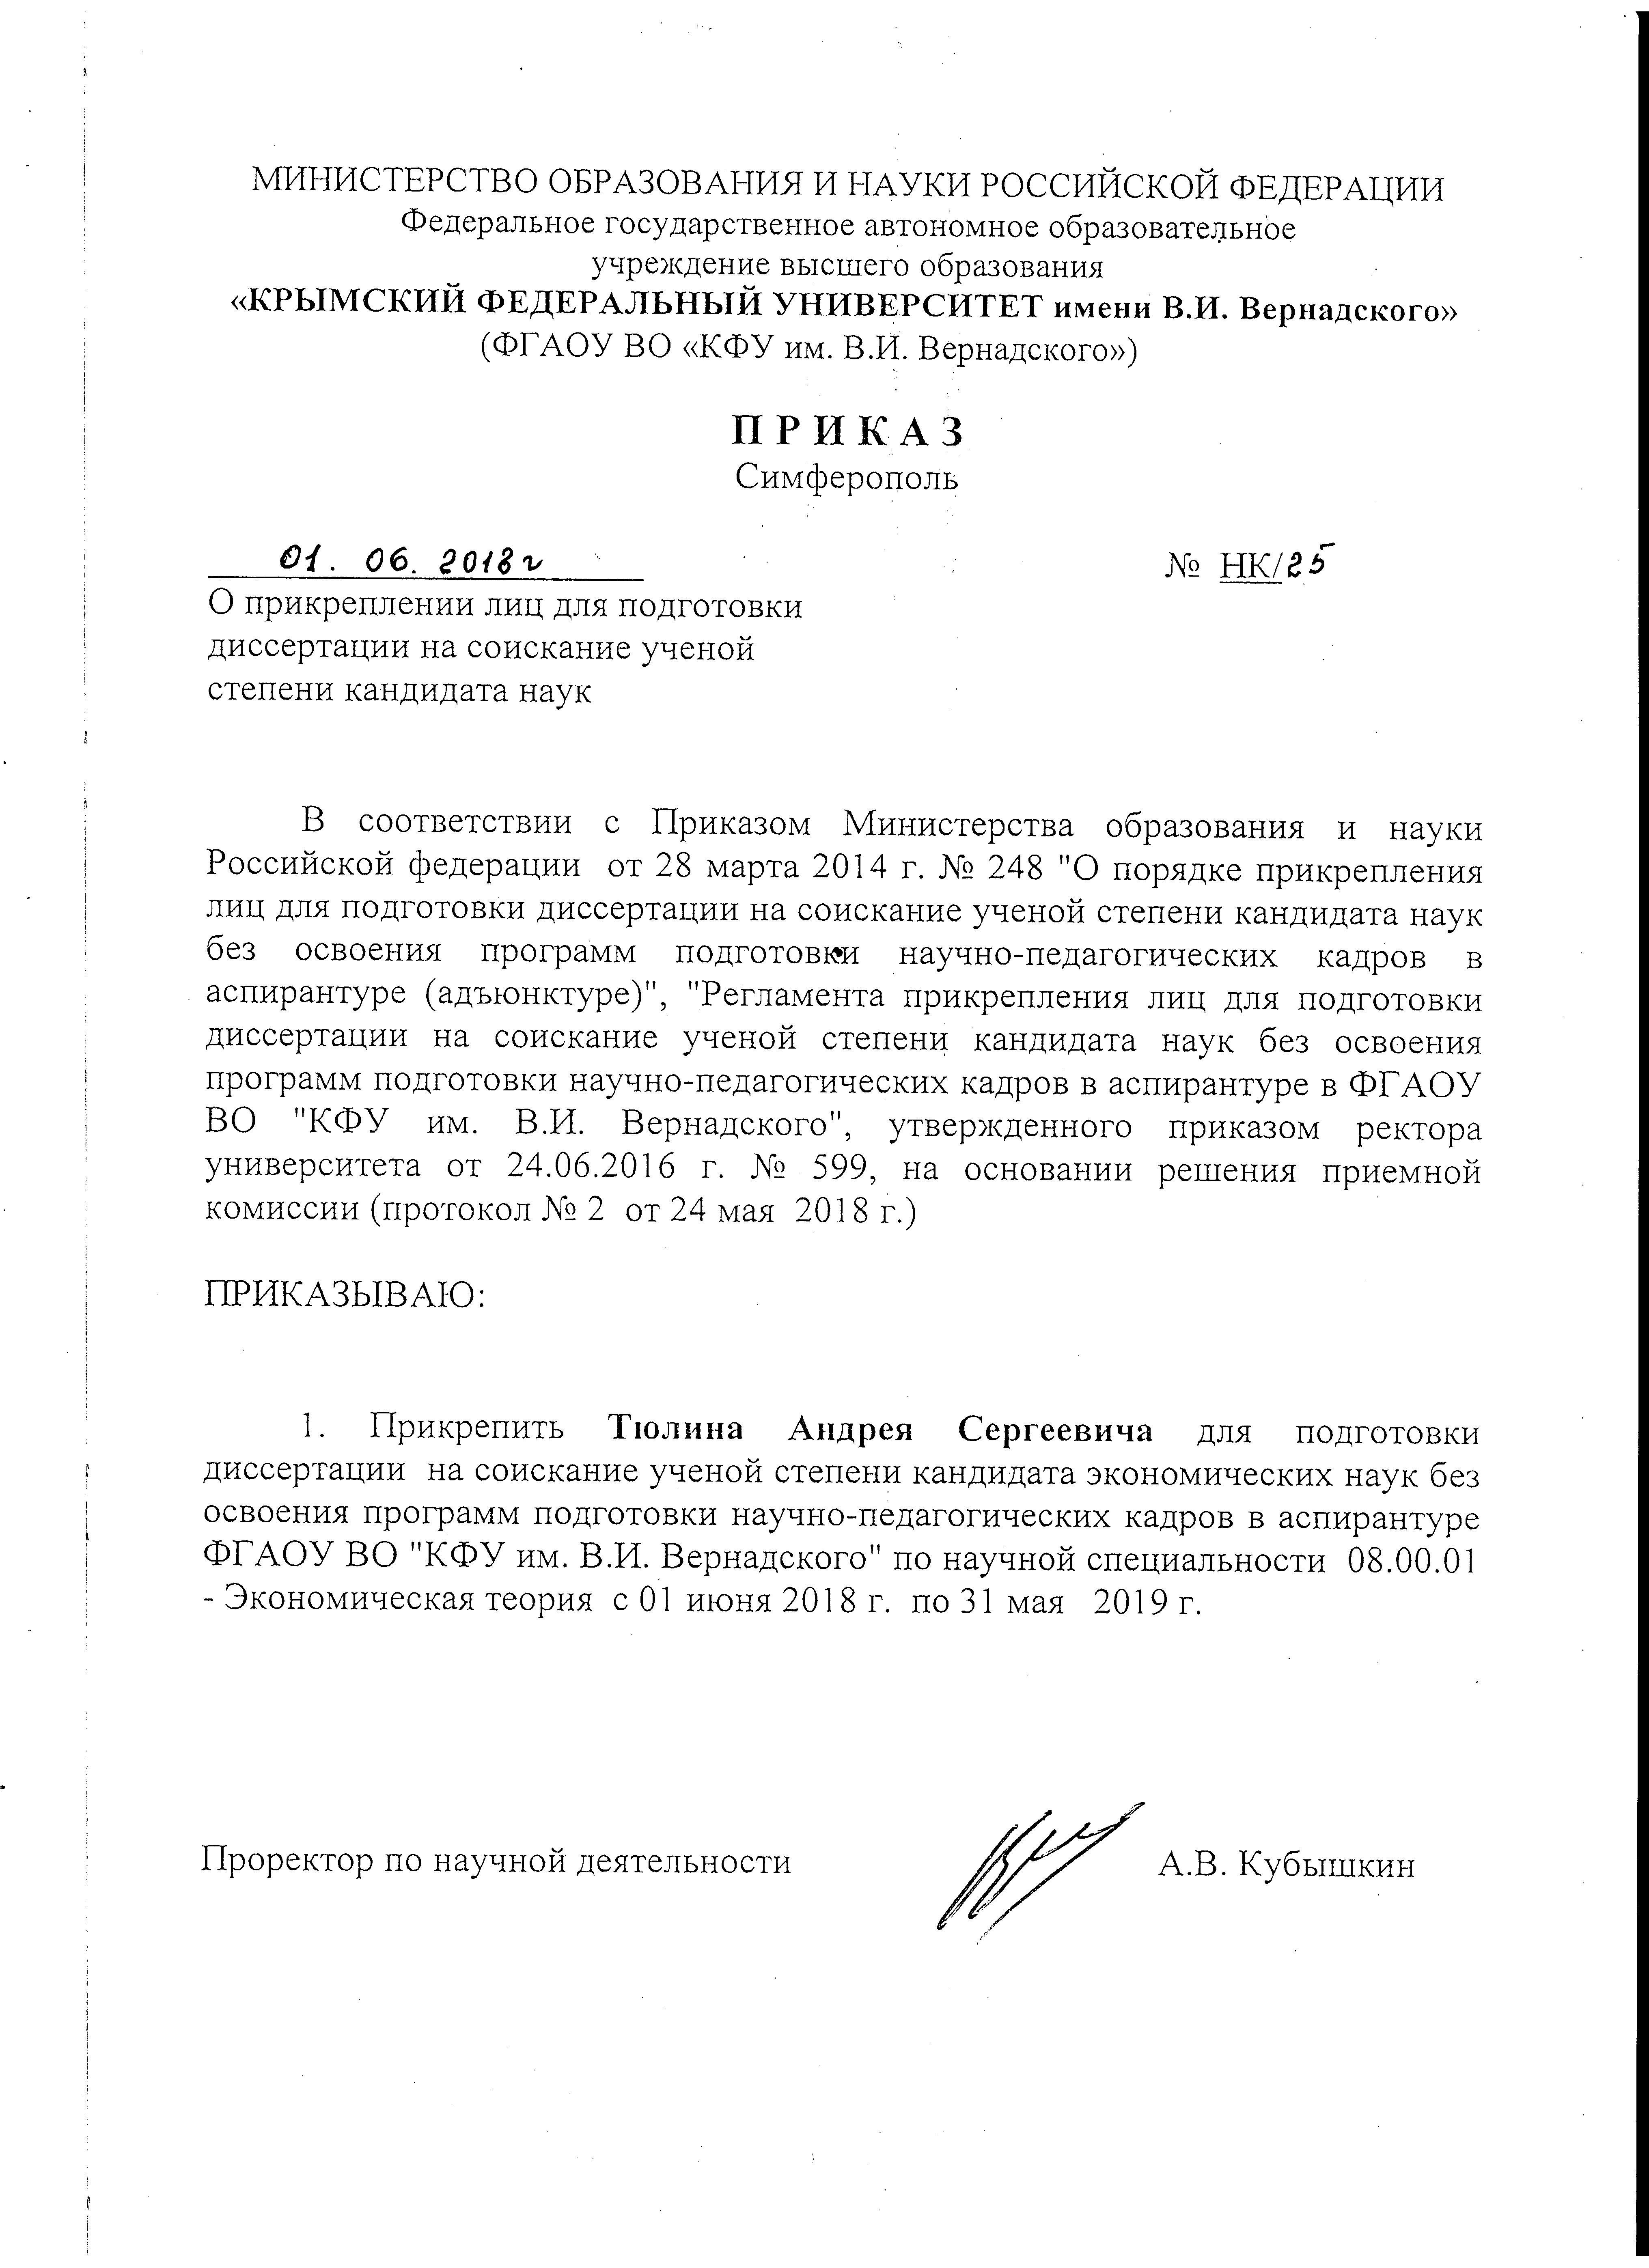 Приказы о зачислении кфу 2016.